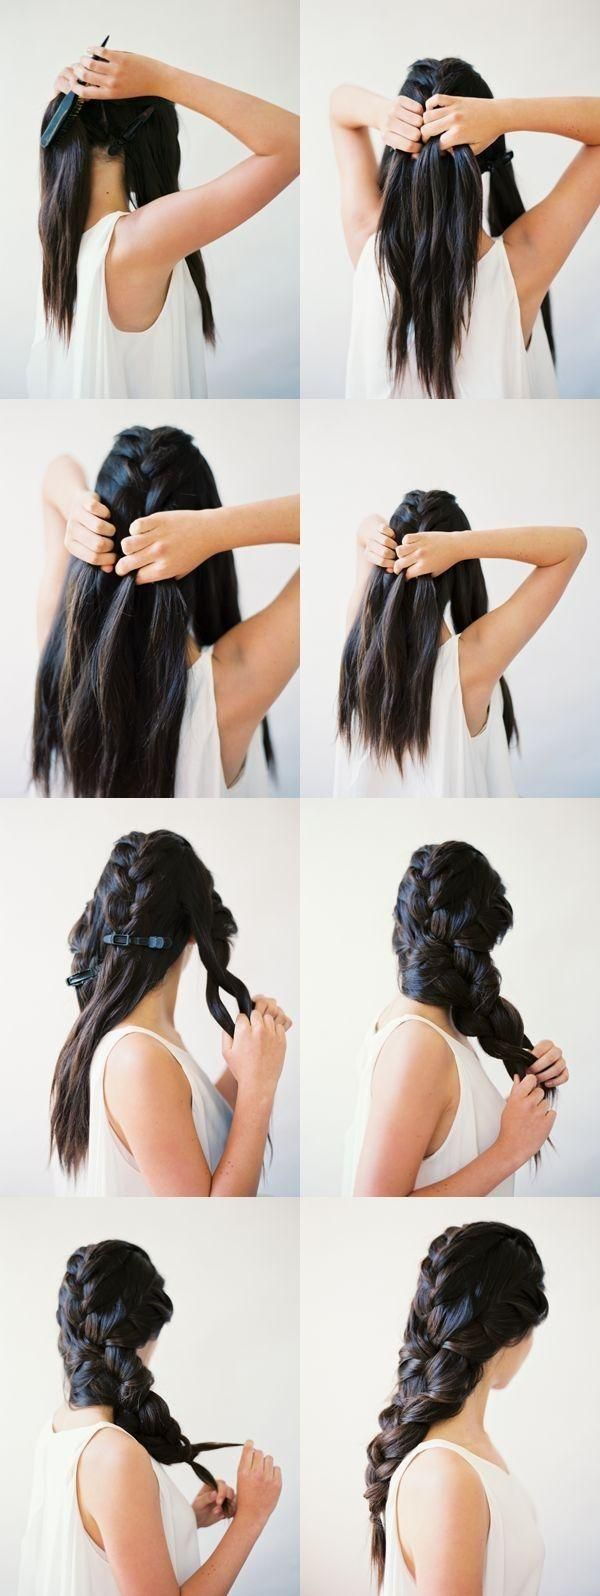 8 pomysłów na stylową fryzurę w 10 minut!